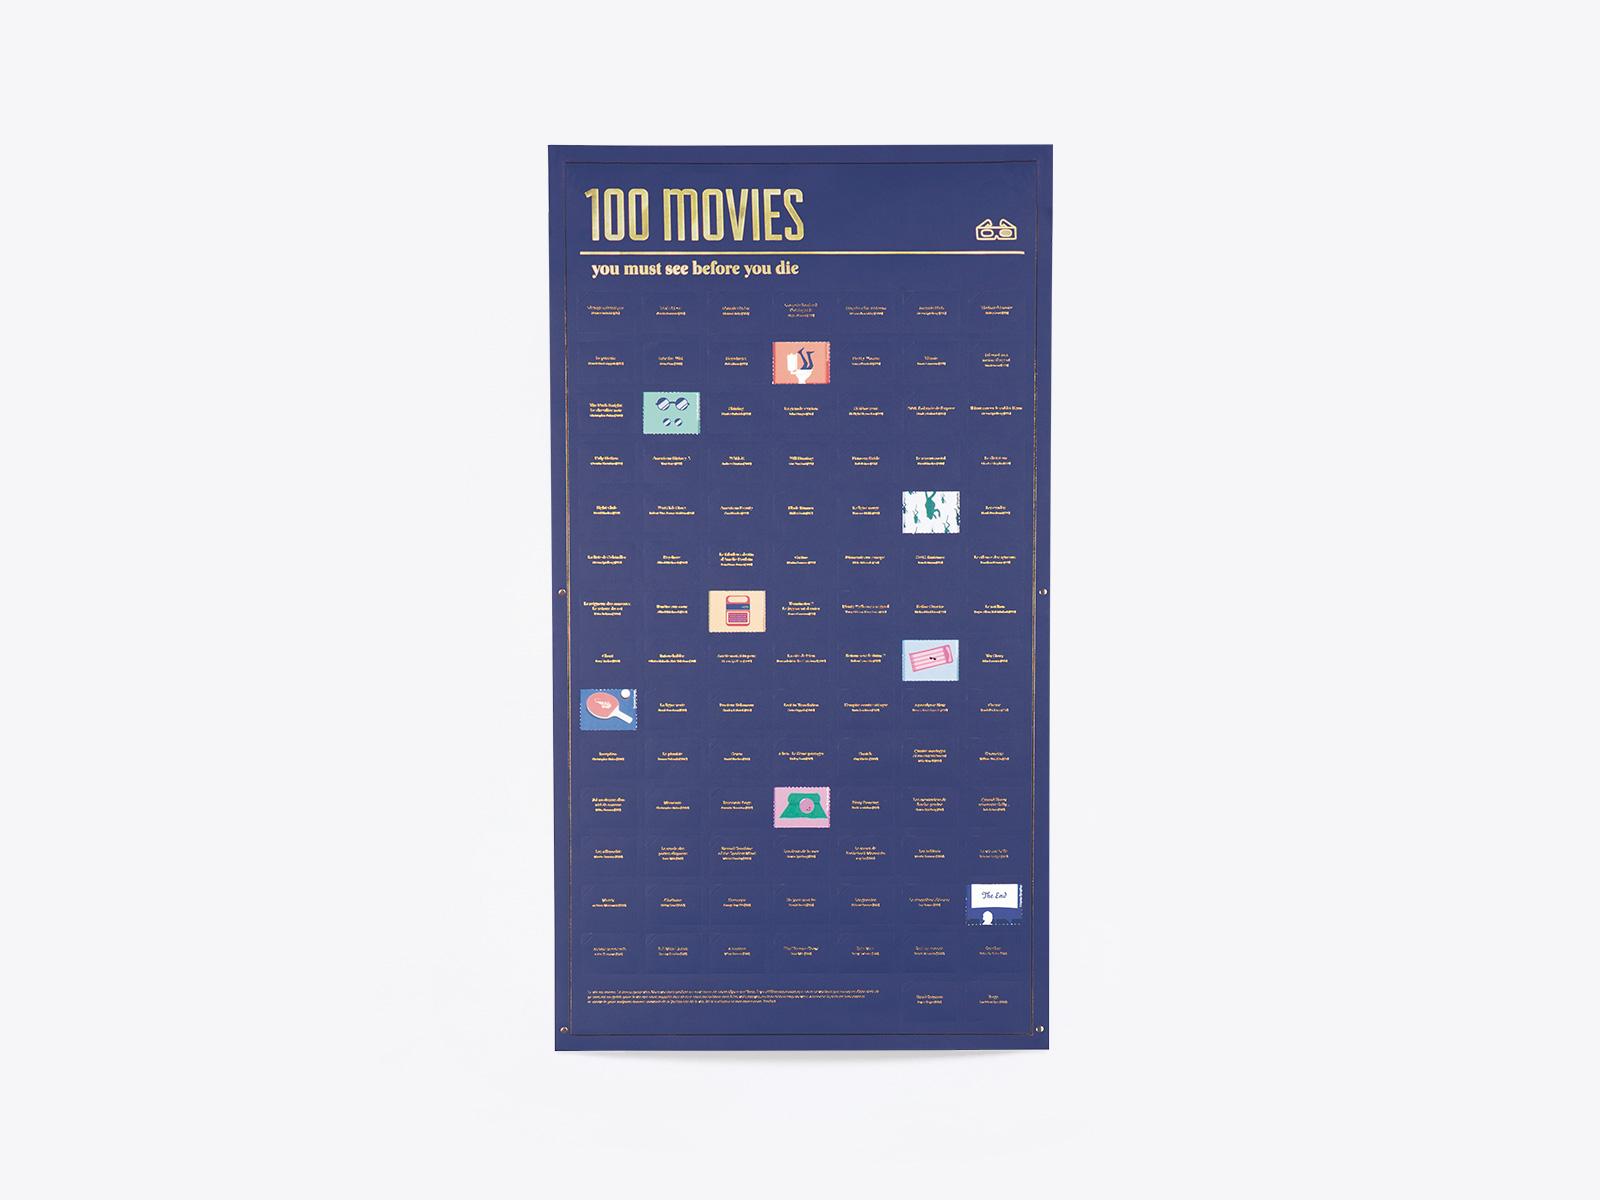 Póster interactivo de 100 películas de DOIY